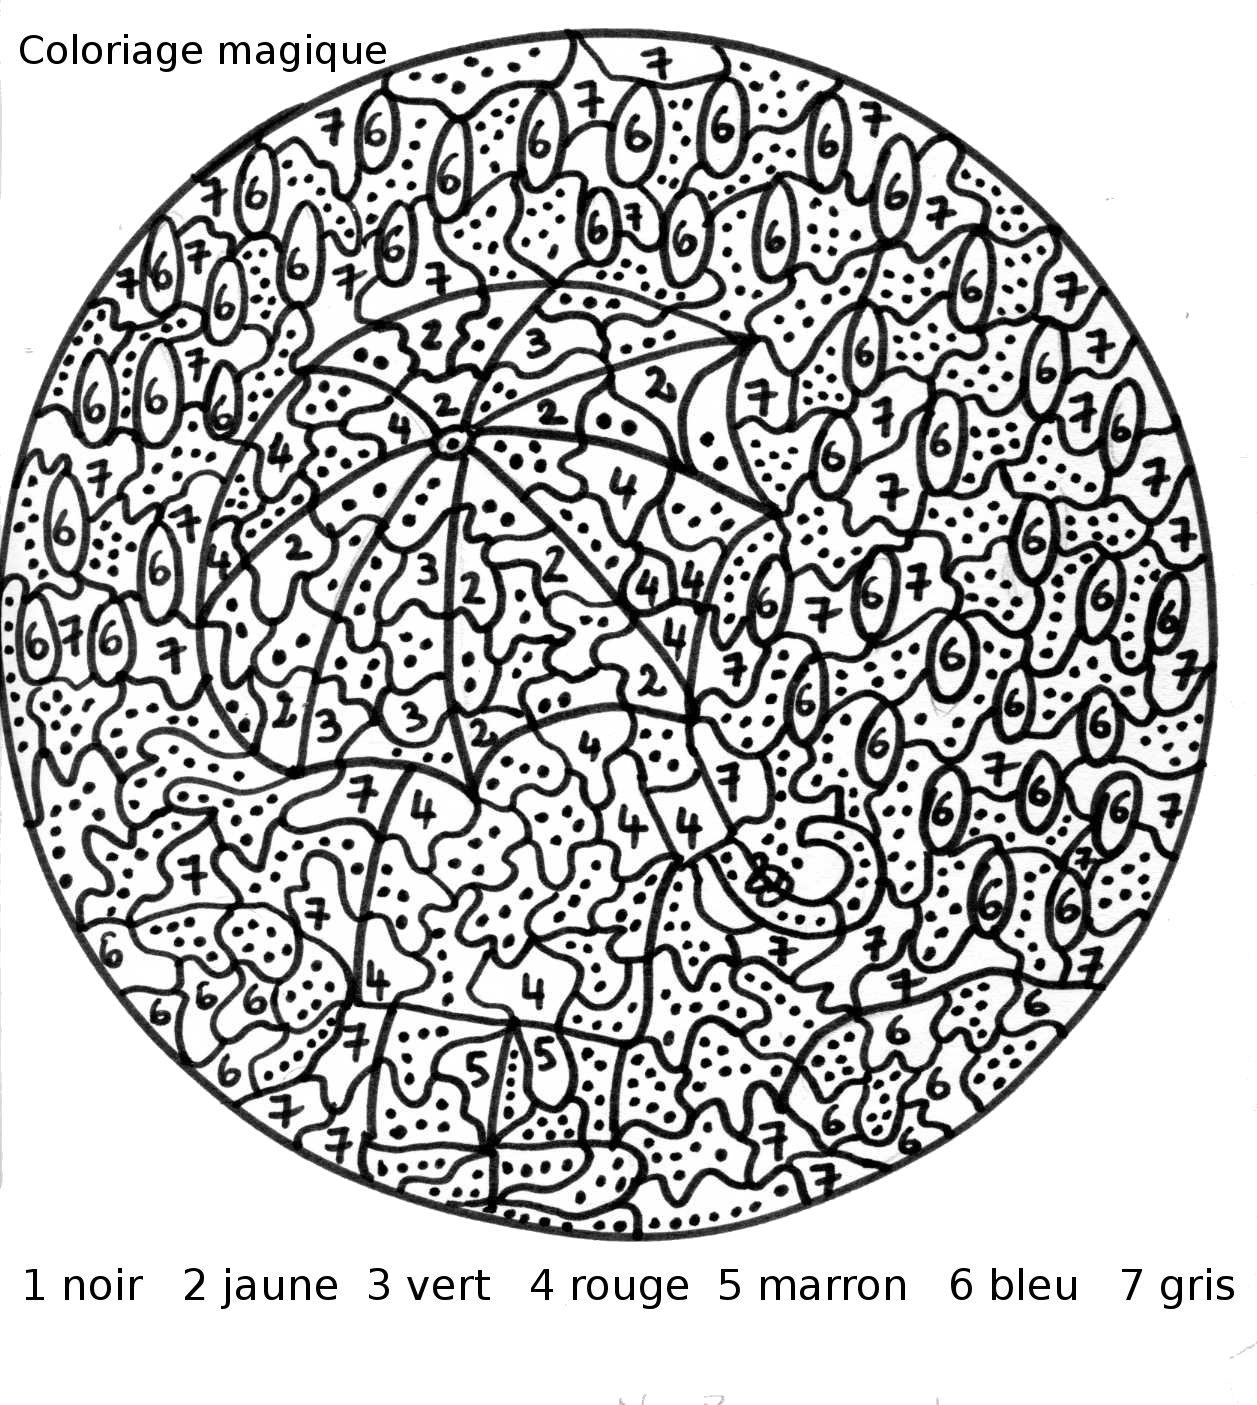 Coloriage Magique Numeration Cp.Meilleur De Coloriage Magique Numeration Ce1 Imprimer Et Obtenir